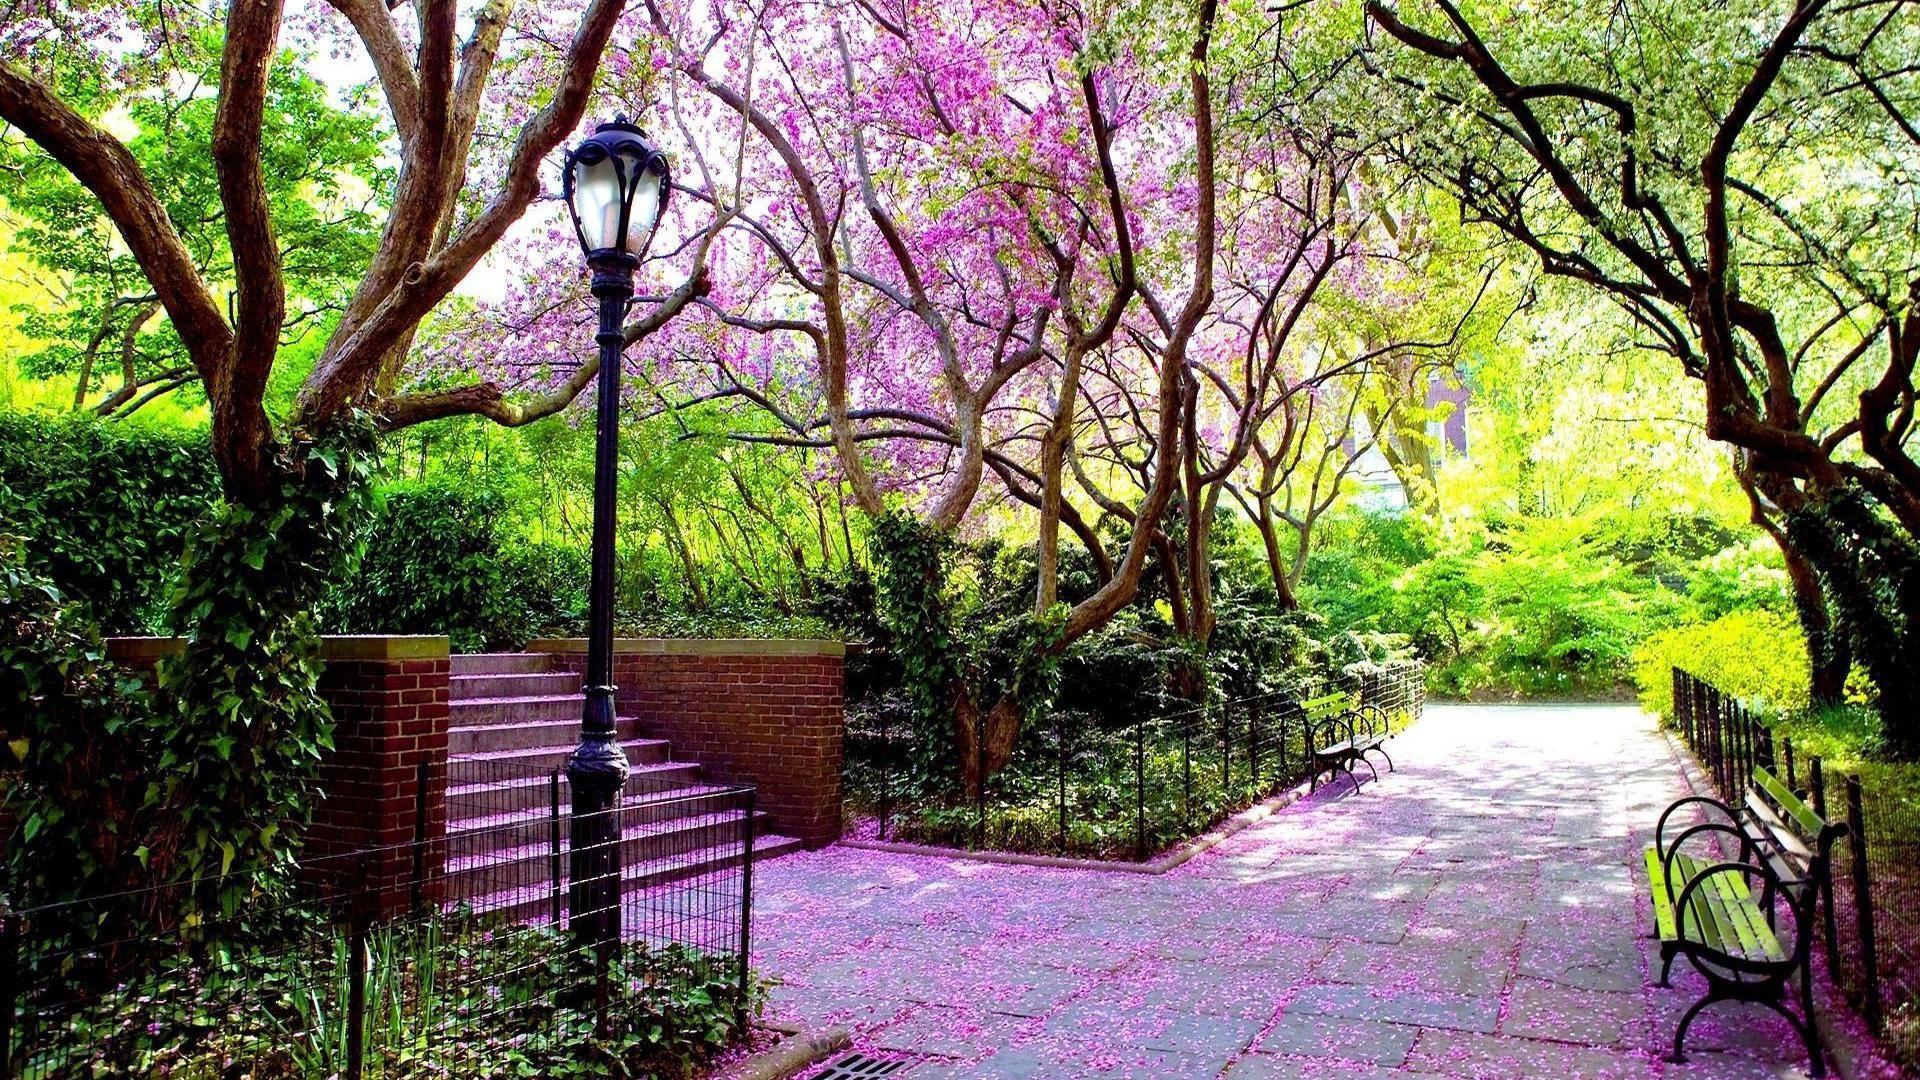 Cherry Blossoms Japan Hd Desktop Wallpaper High Definition 1920 1080 Japanese Desktop Wallpaper 57 Wallpa Spring Landscape Spring Landscaping Spring Nature